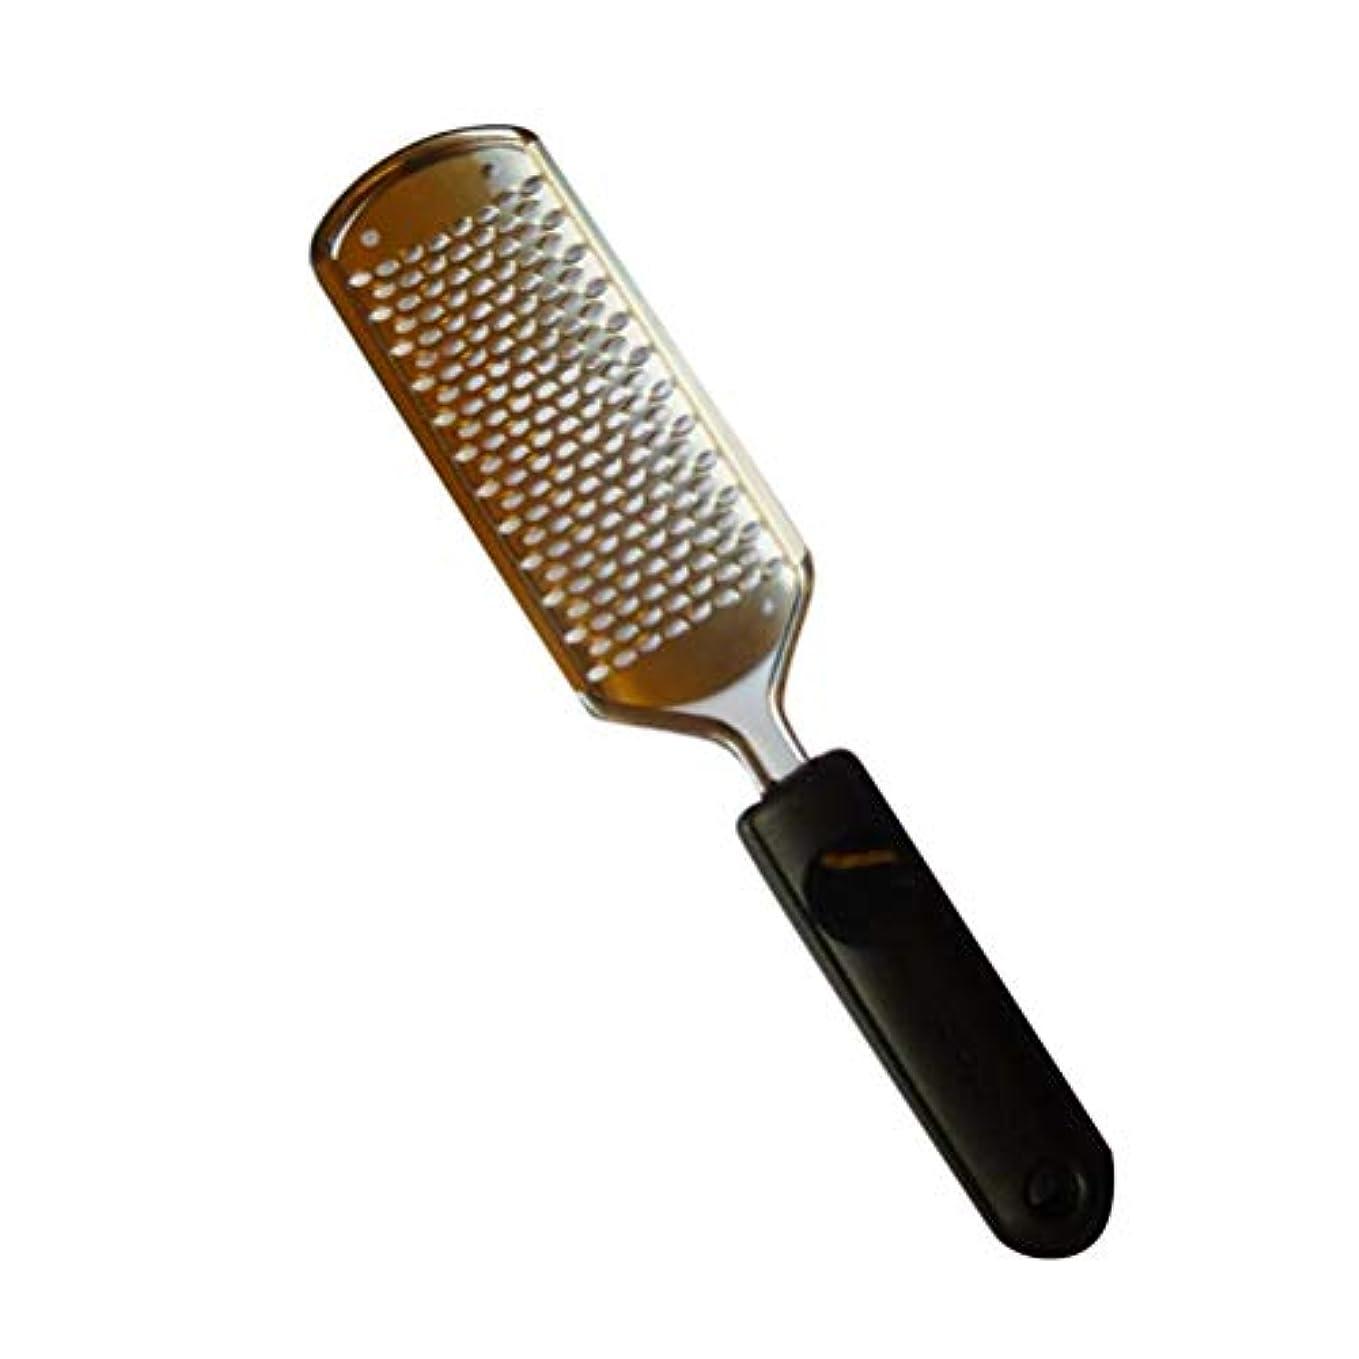 マークダウンスクラップモバイルBeaupretty 足のケアのためのペディキュア足ファイルステンレス鋼フィートファイルRaspハードデッドスキンカルスリムーバー